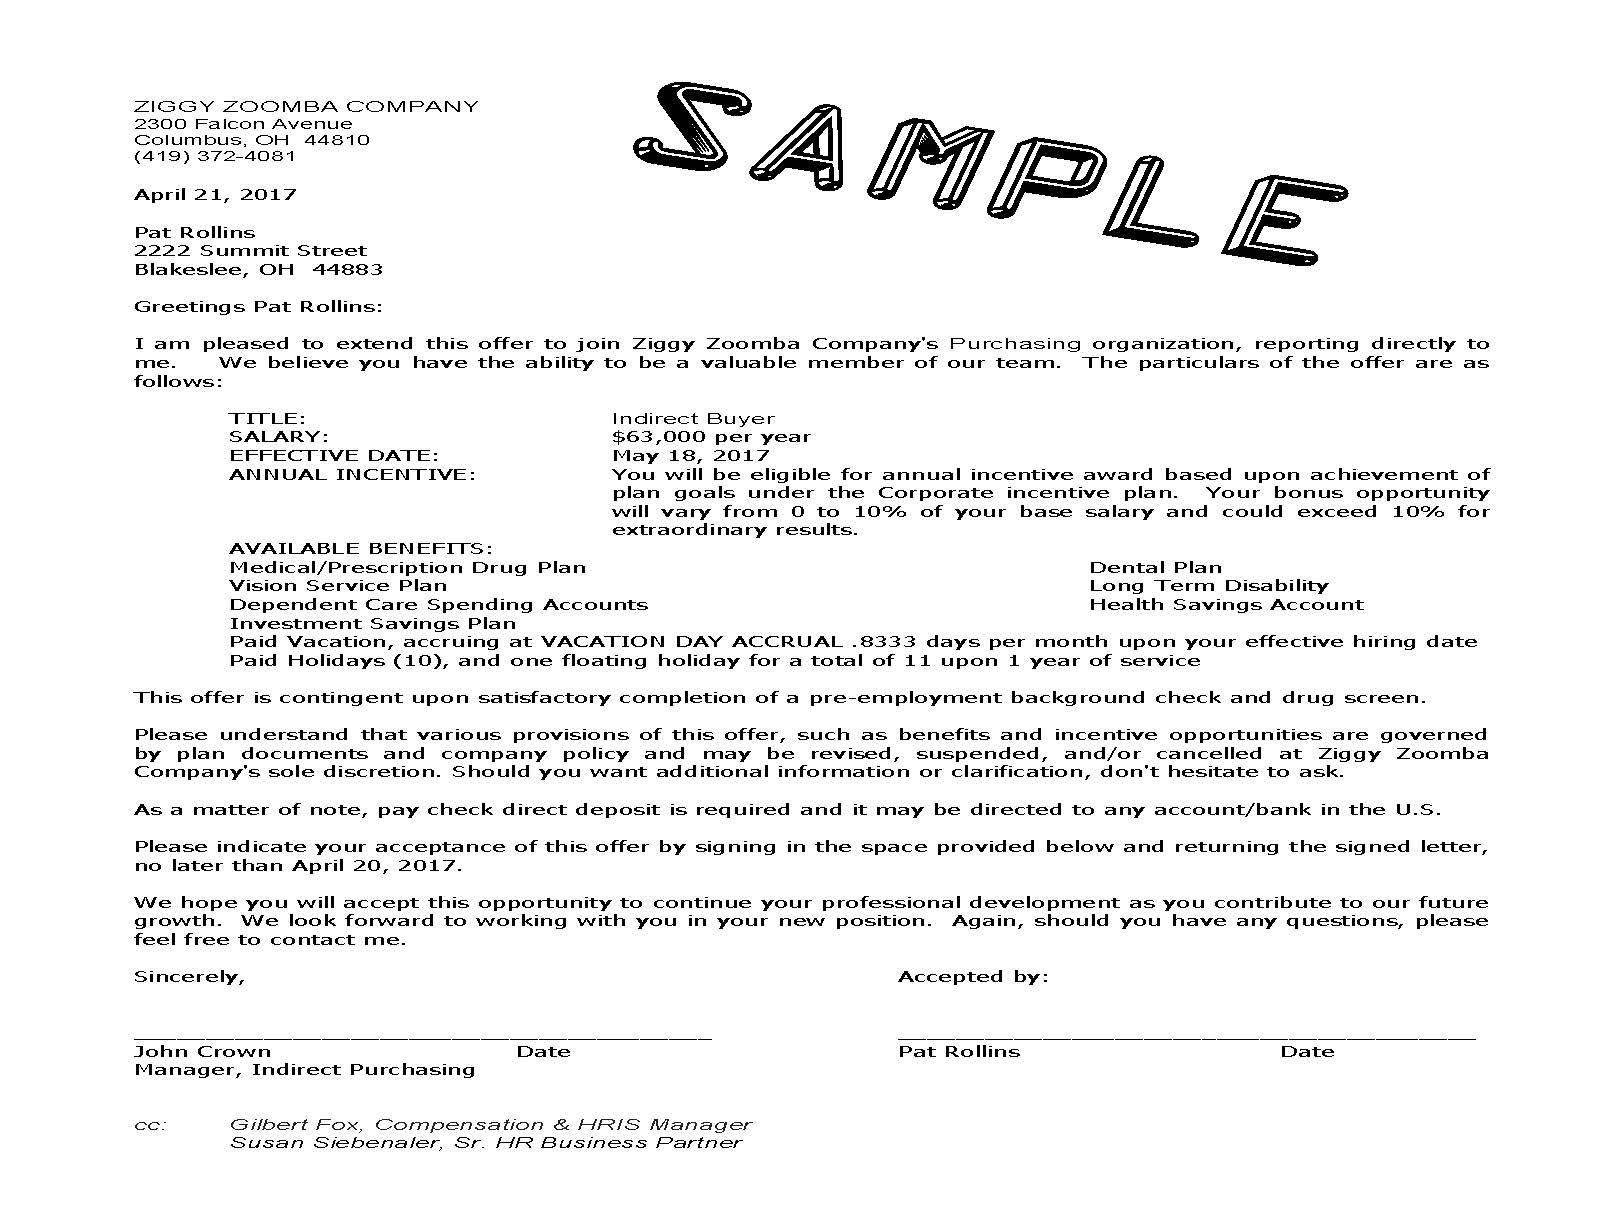 91 Agreement Letter For Job Offer